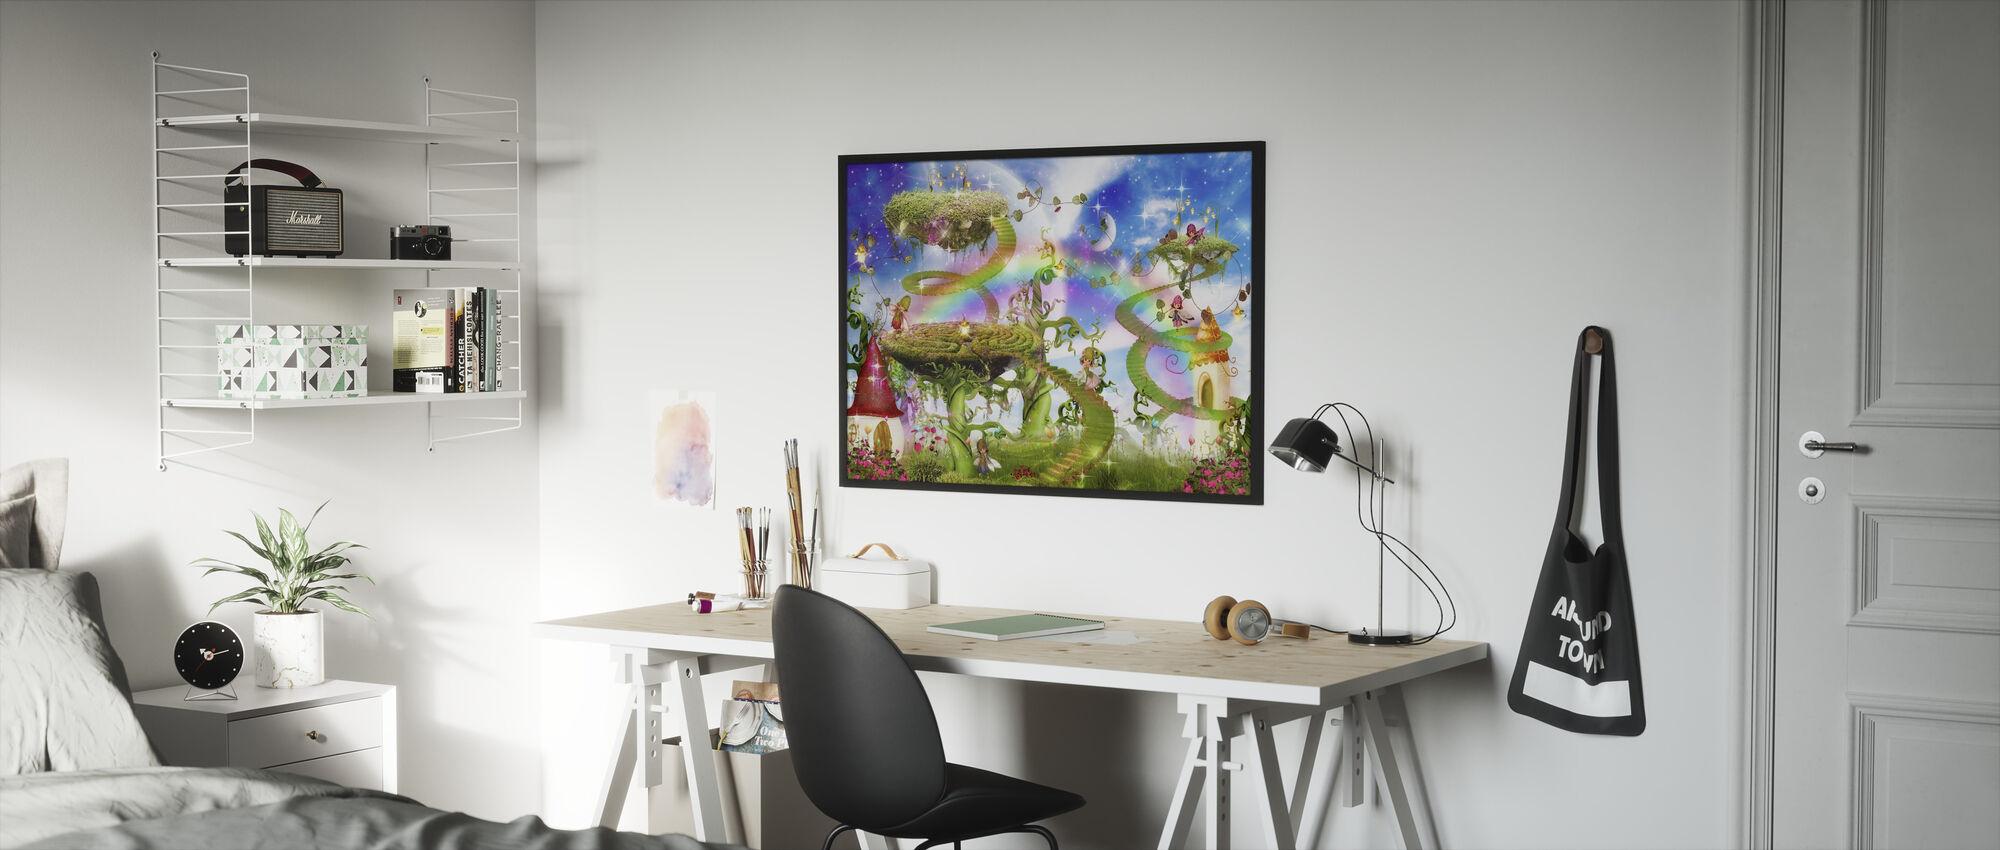 Taika-sateenkaari - Kehystetty kuva - Lastenhuone